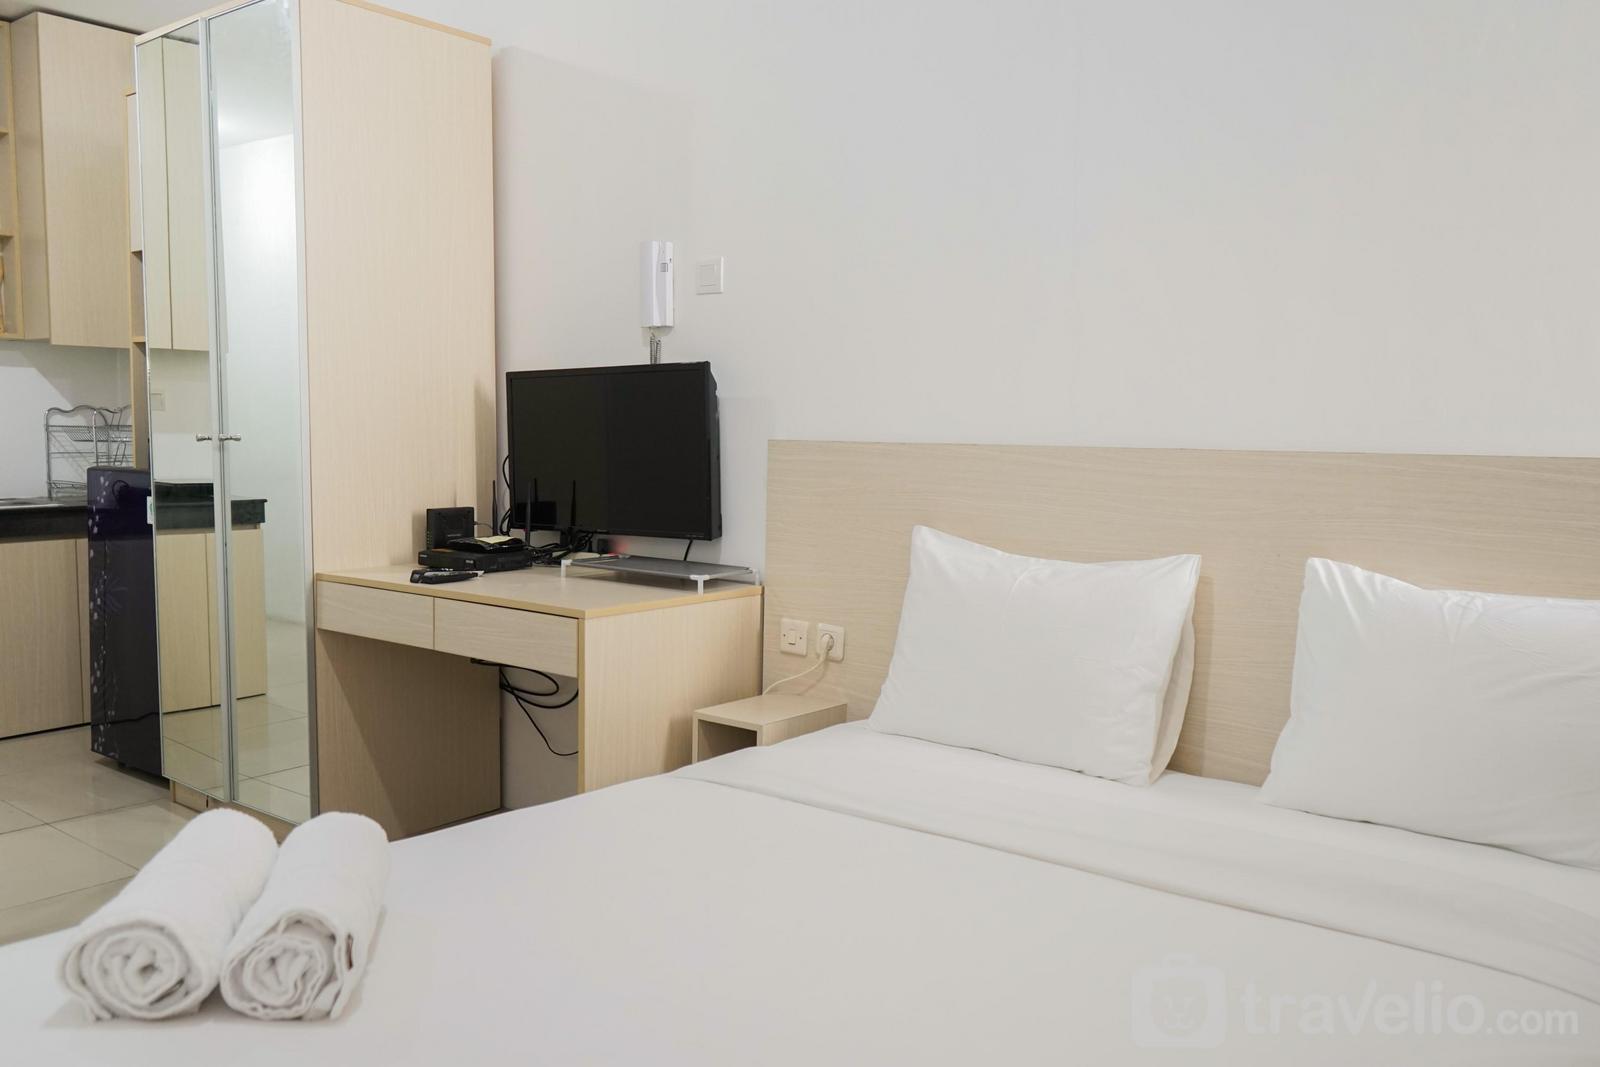 Pasar Baru Mansion - Elegant Studio Apartment at Pasar Baru Mansion By Travelio